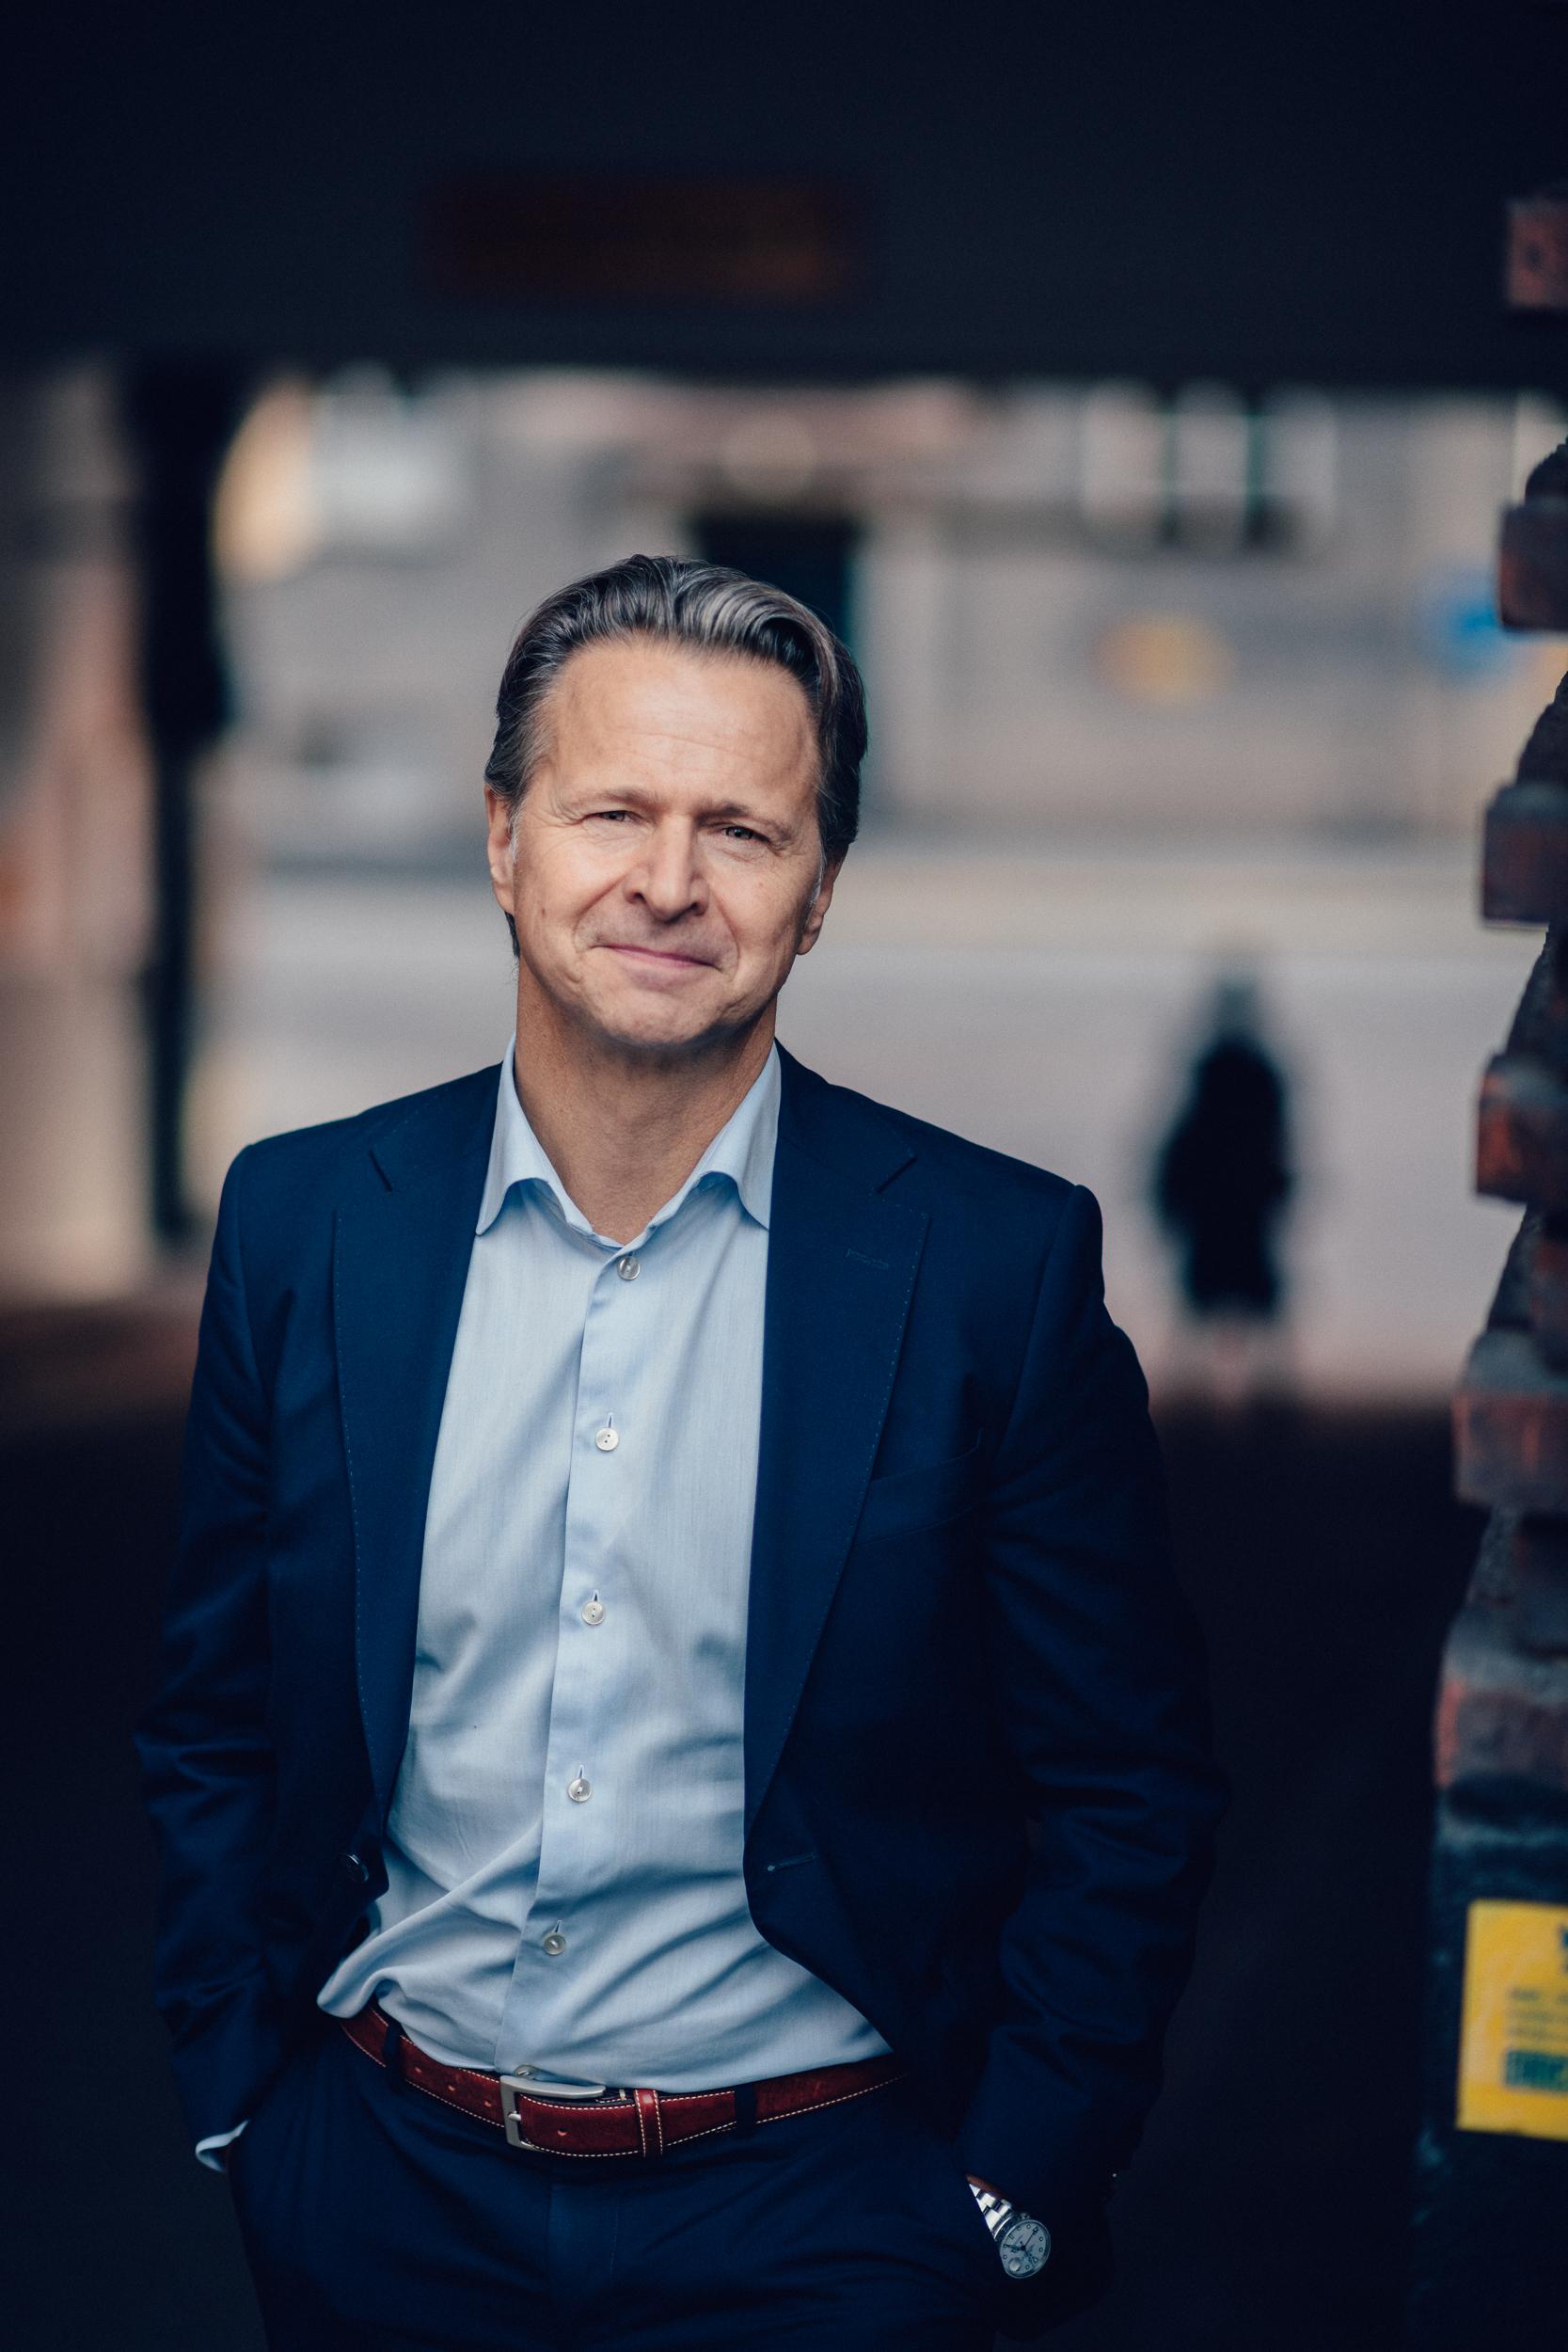 Patrik Lundström - photo by Alexander Donka